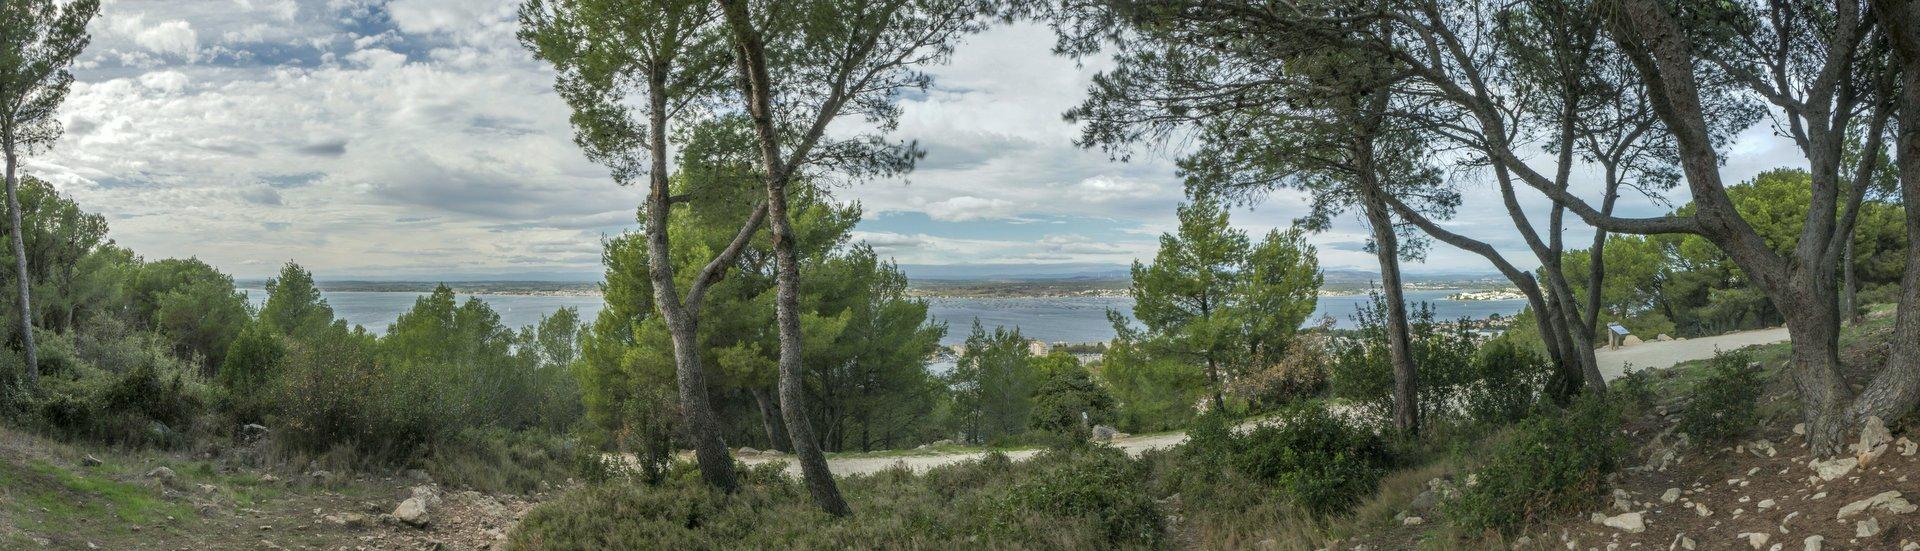 Blick nach Norden auf den Ètang de Thau von der Allée Pierre Barthas auf dem Sainte-Claire in Sète